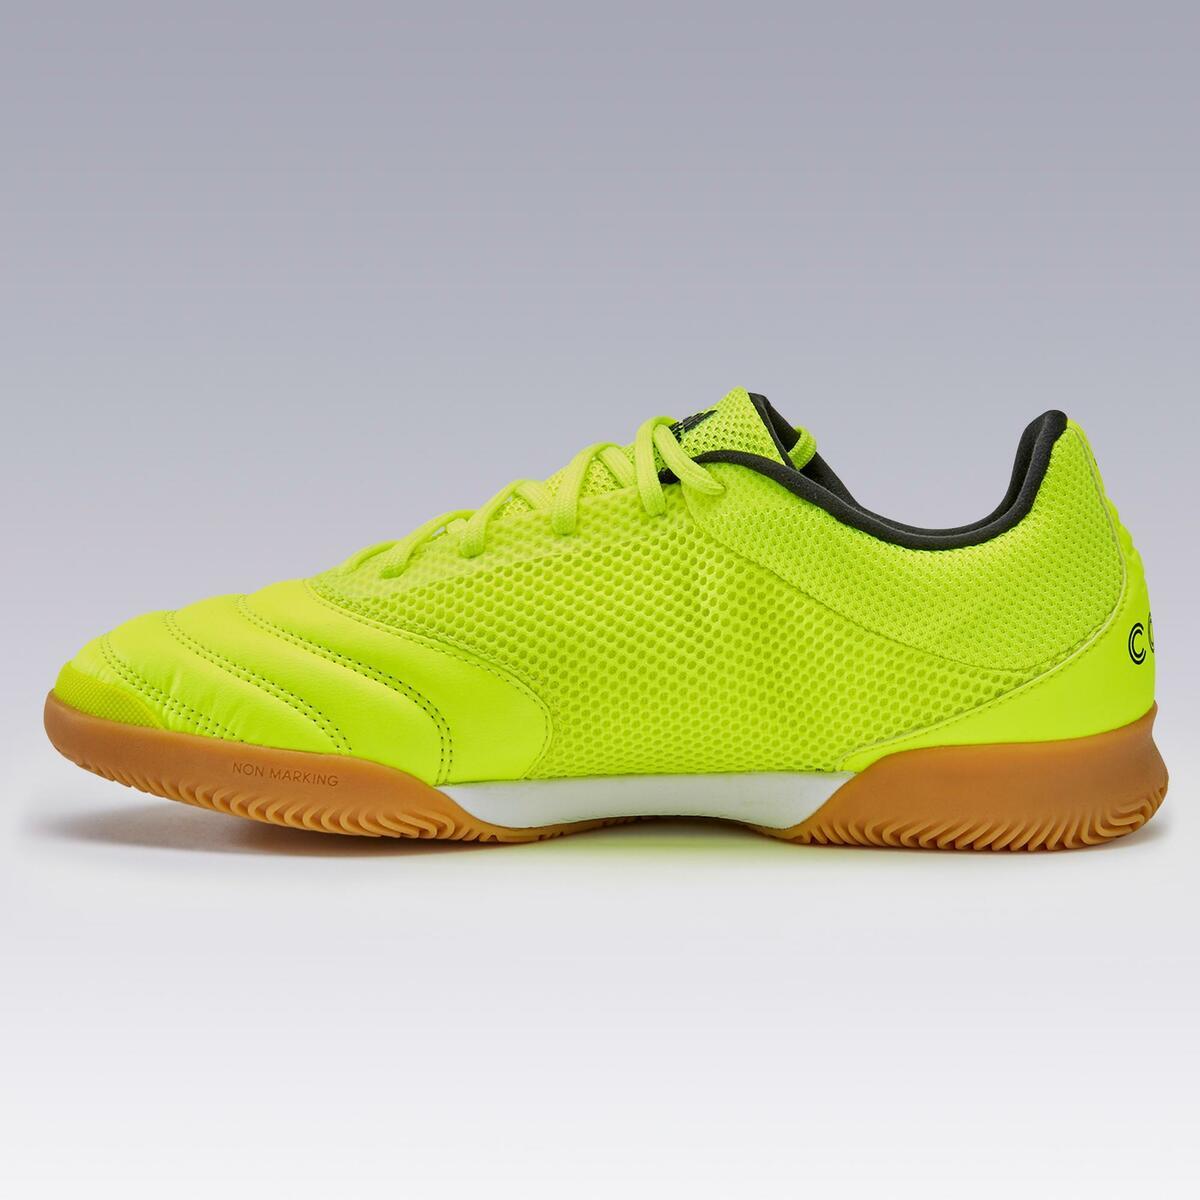 Bild 3 von Hallenschuhe Futsal Fußball Copa Erwachsene gelb/schwarz